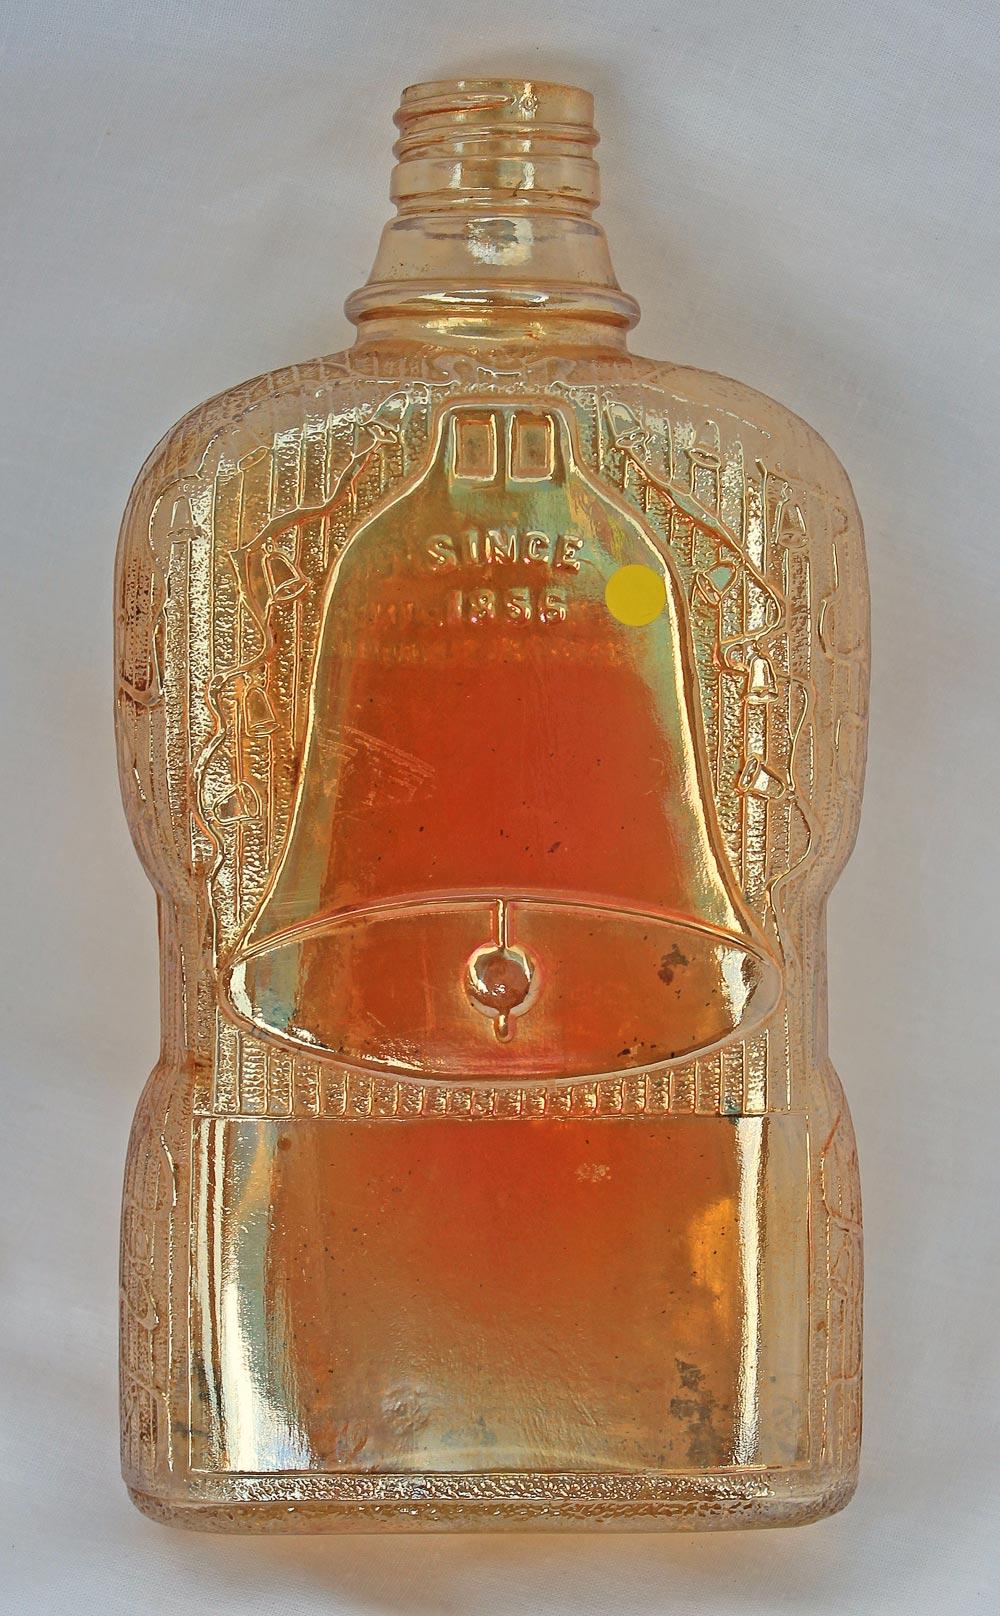 Golden Wedding bottle, maker?